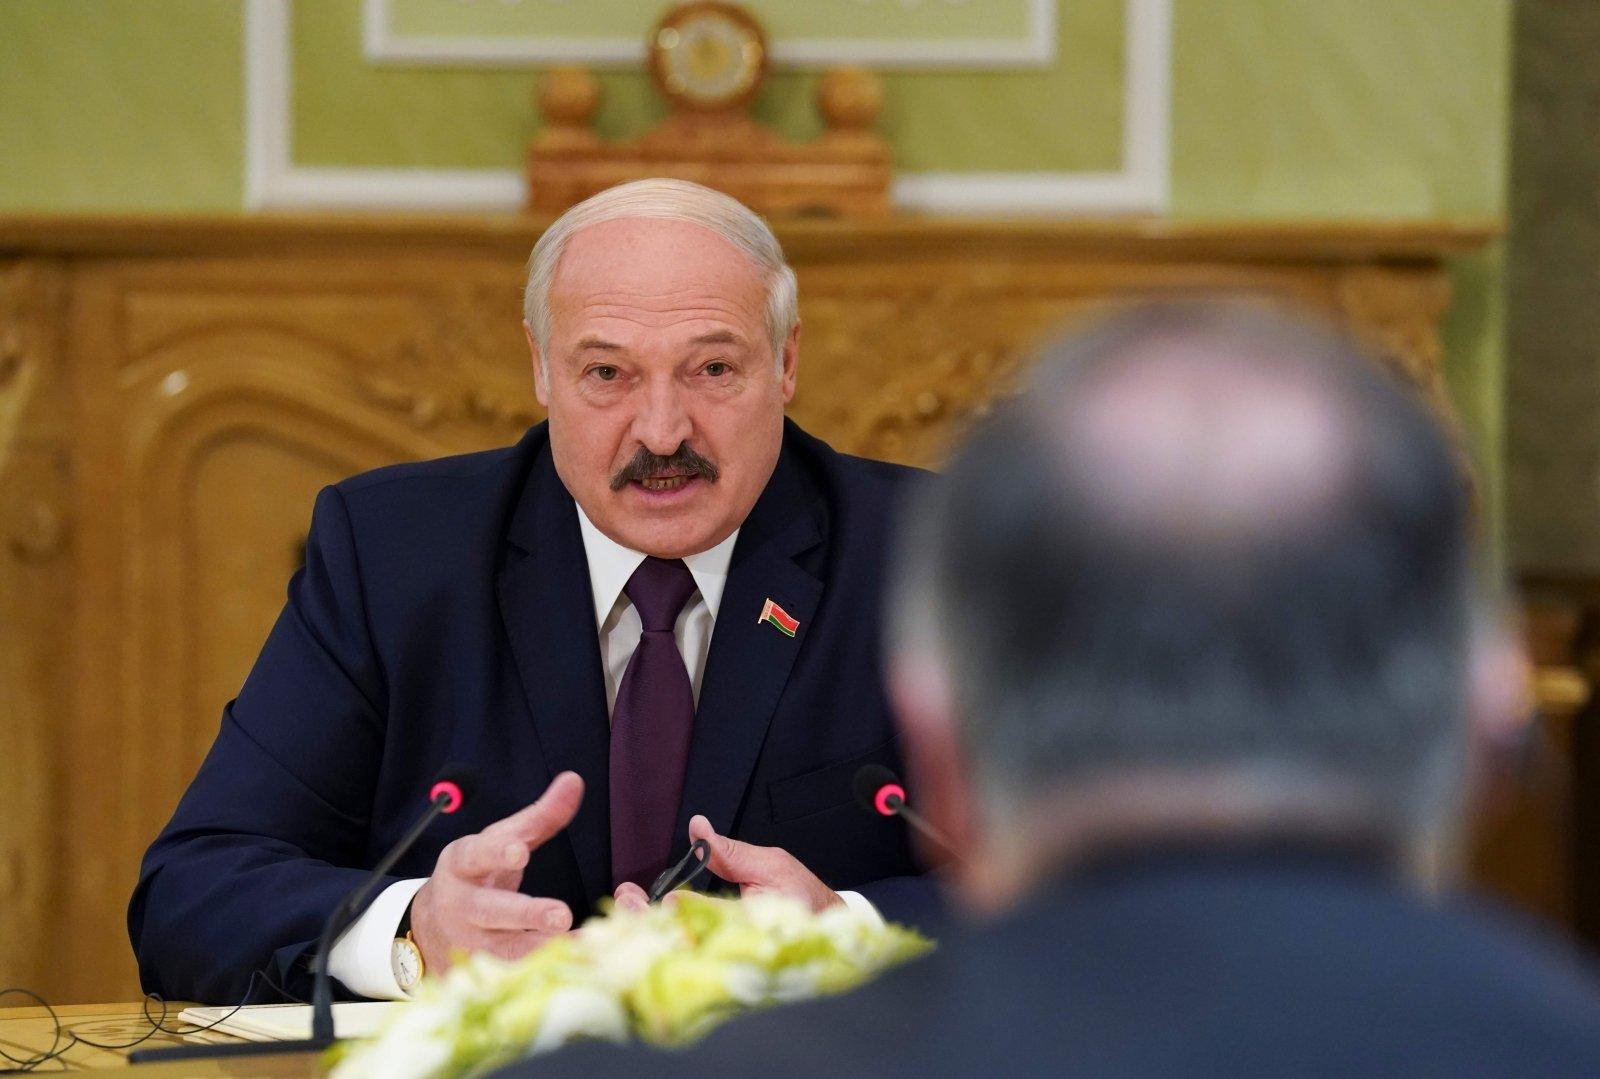 Беларусь готова к интеграции с Евразийским союзом, но без принуждения, - Лукашенко